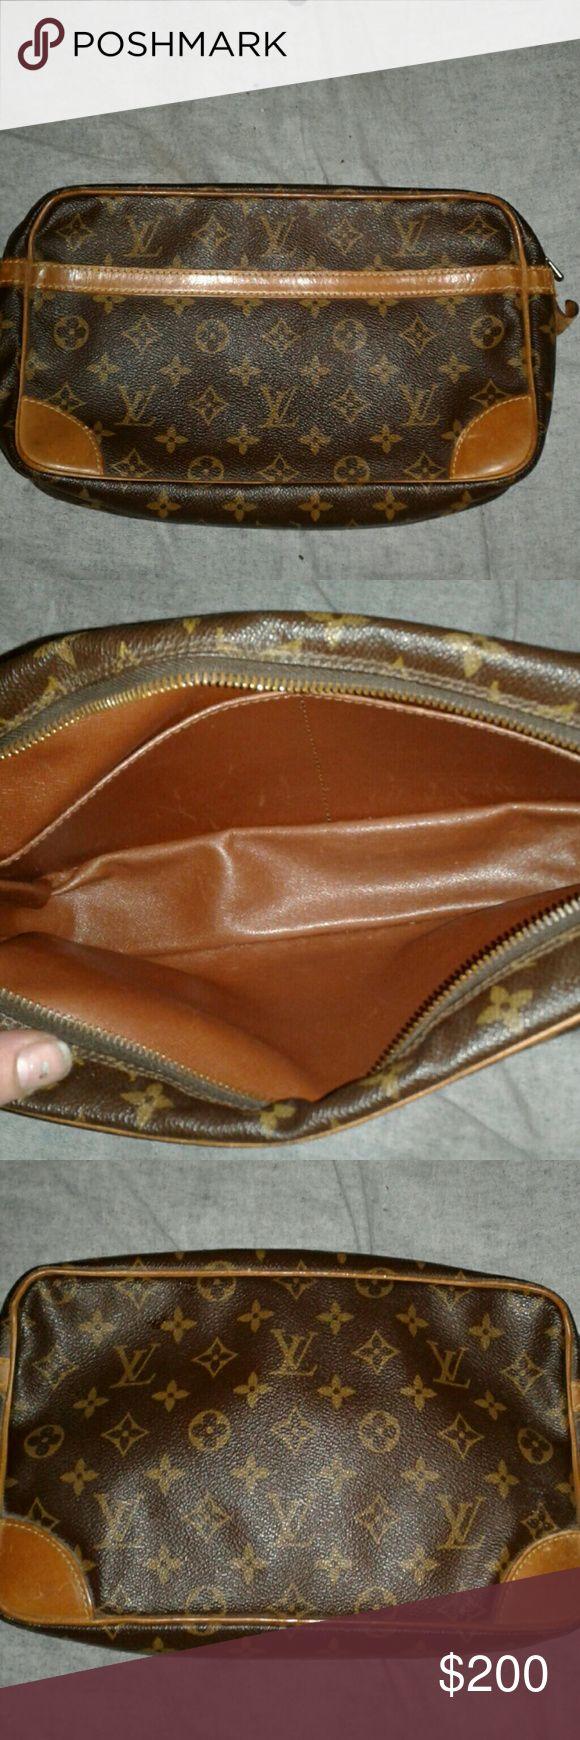 Monogram makeup bag canada